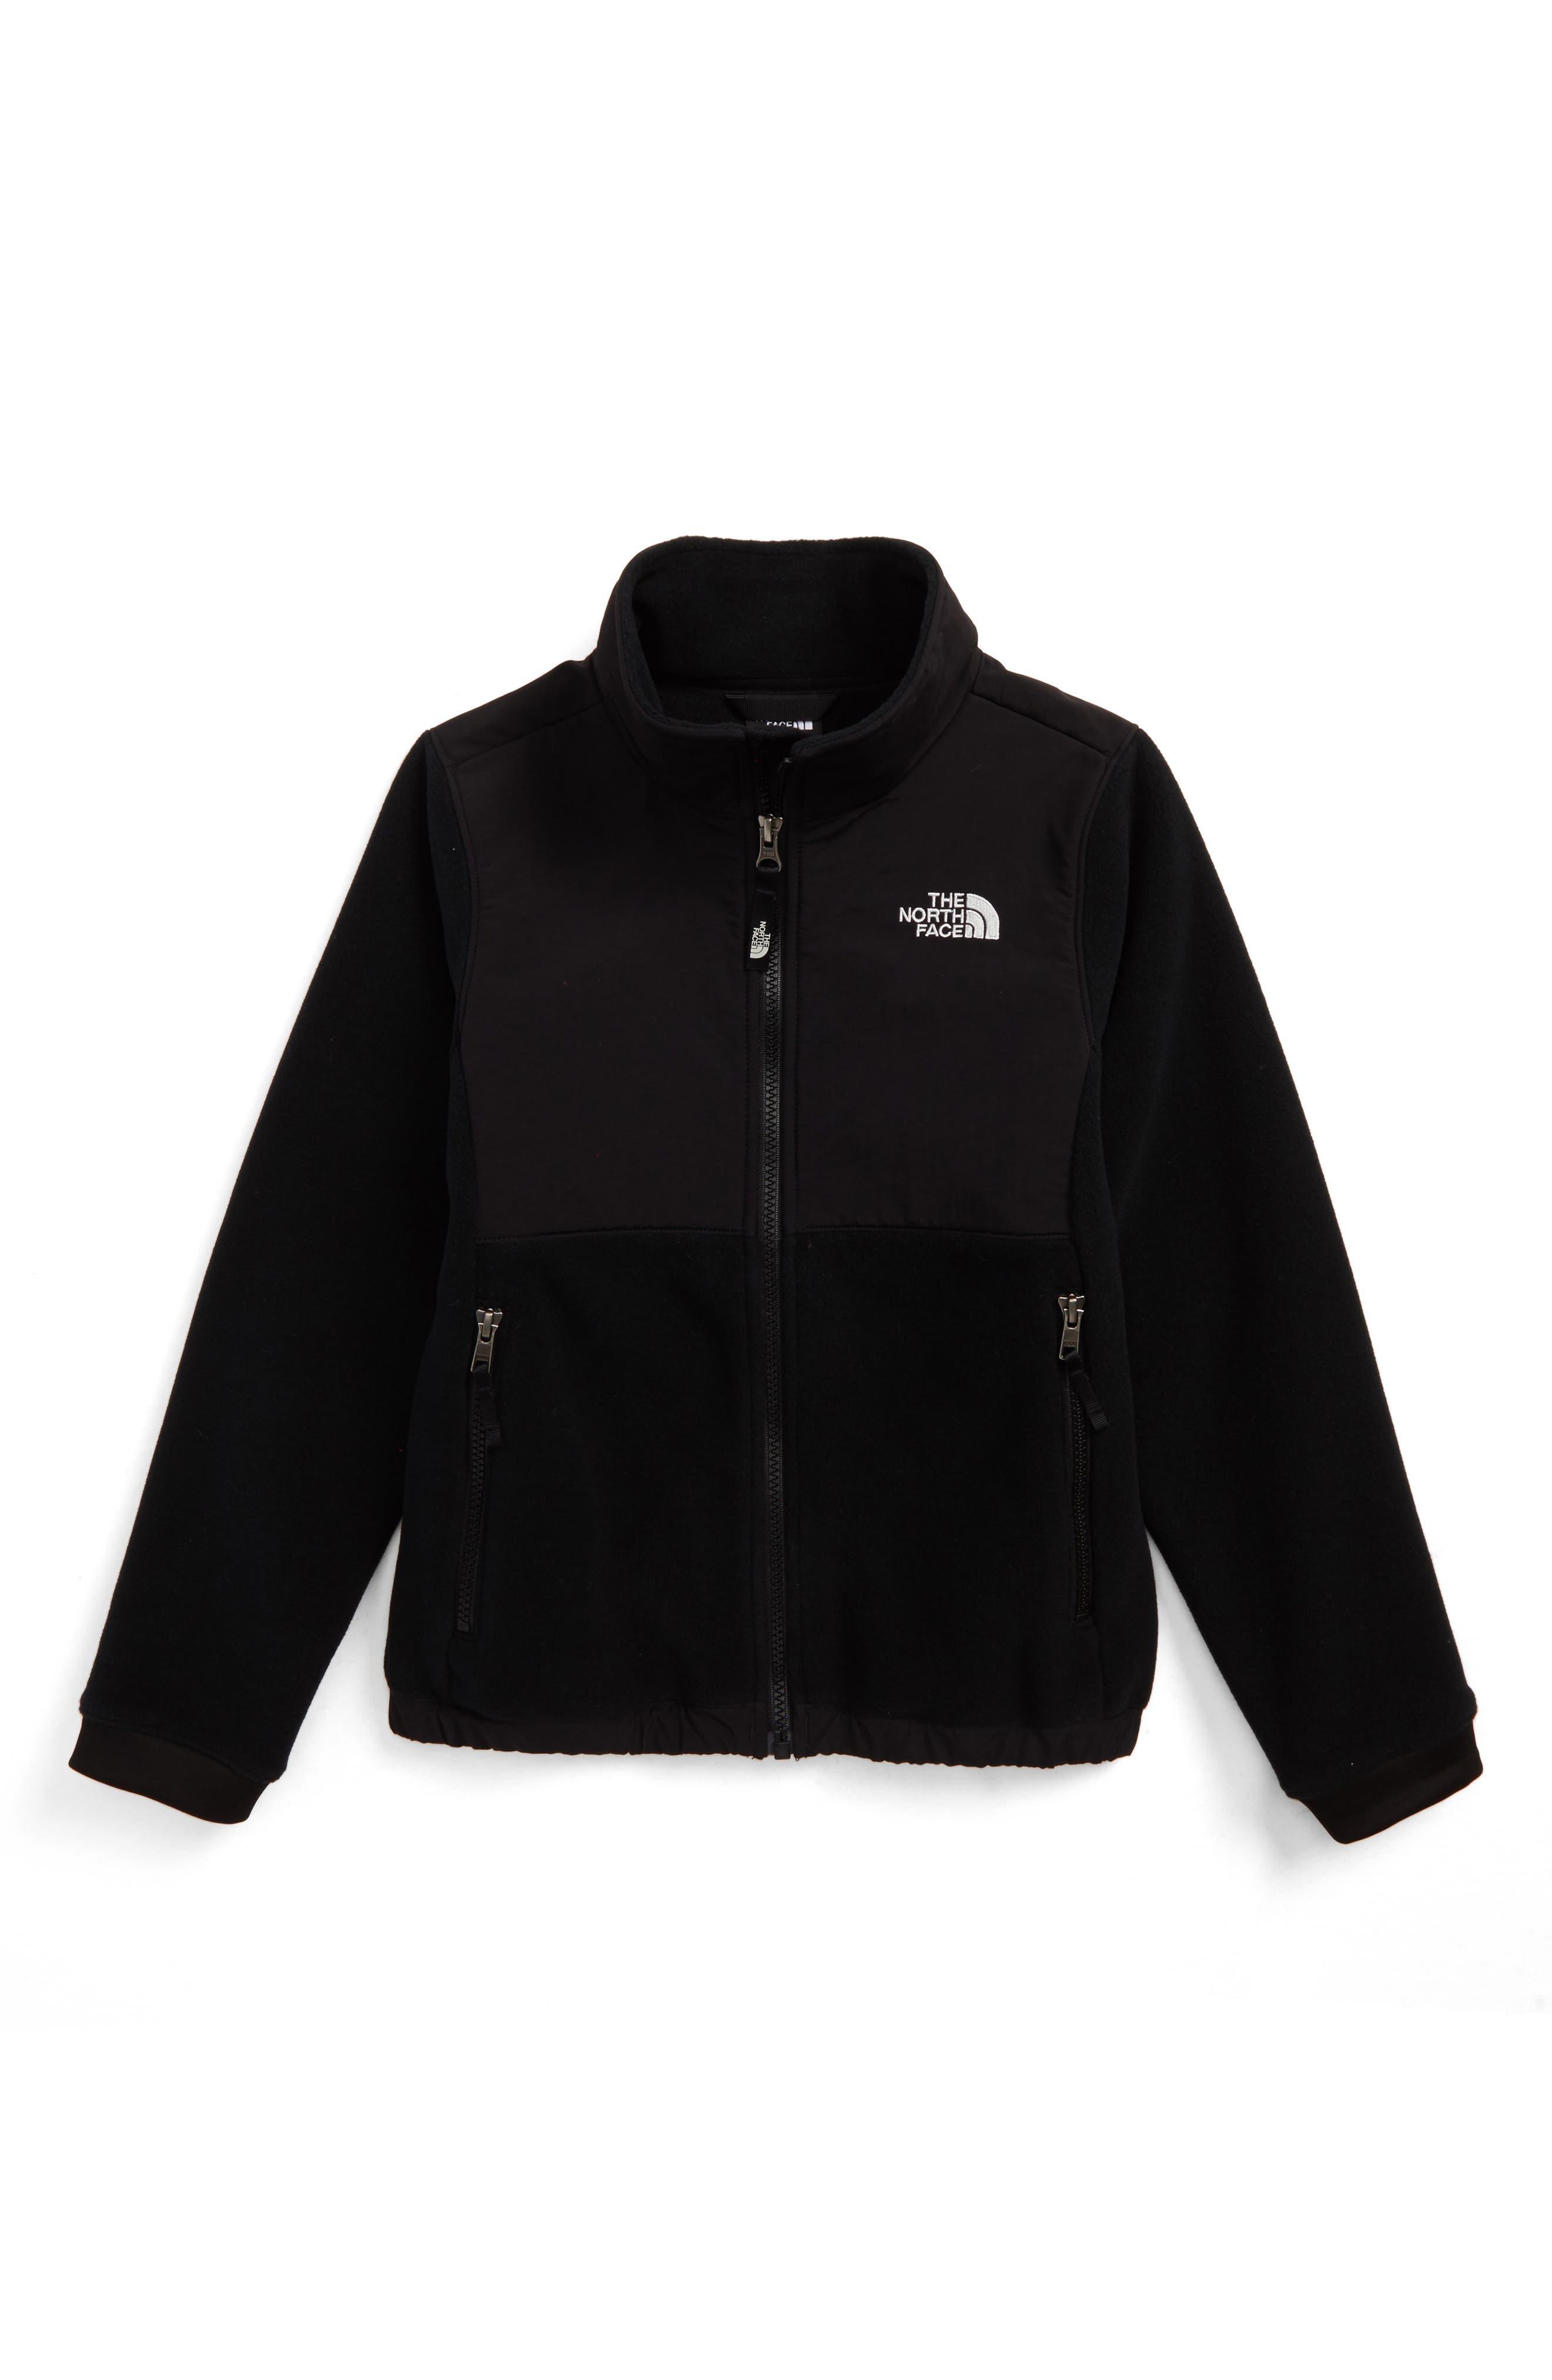 'Denali' Thermal Jacket,                             Main thumbnail 1, color,                             Tnf Black